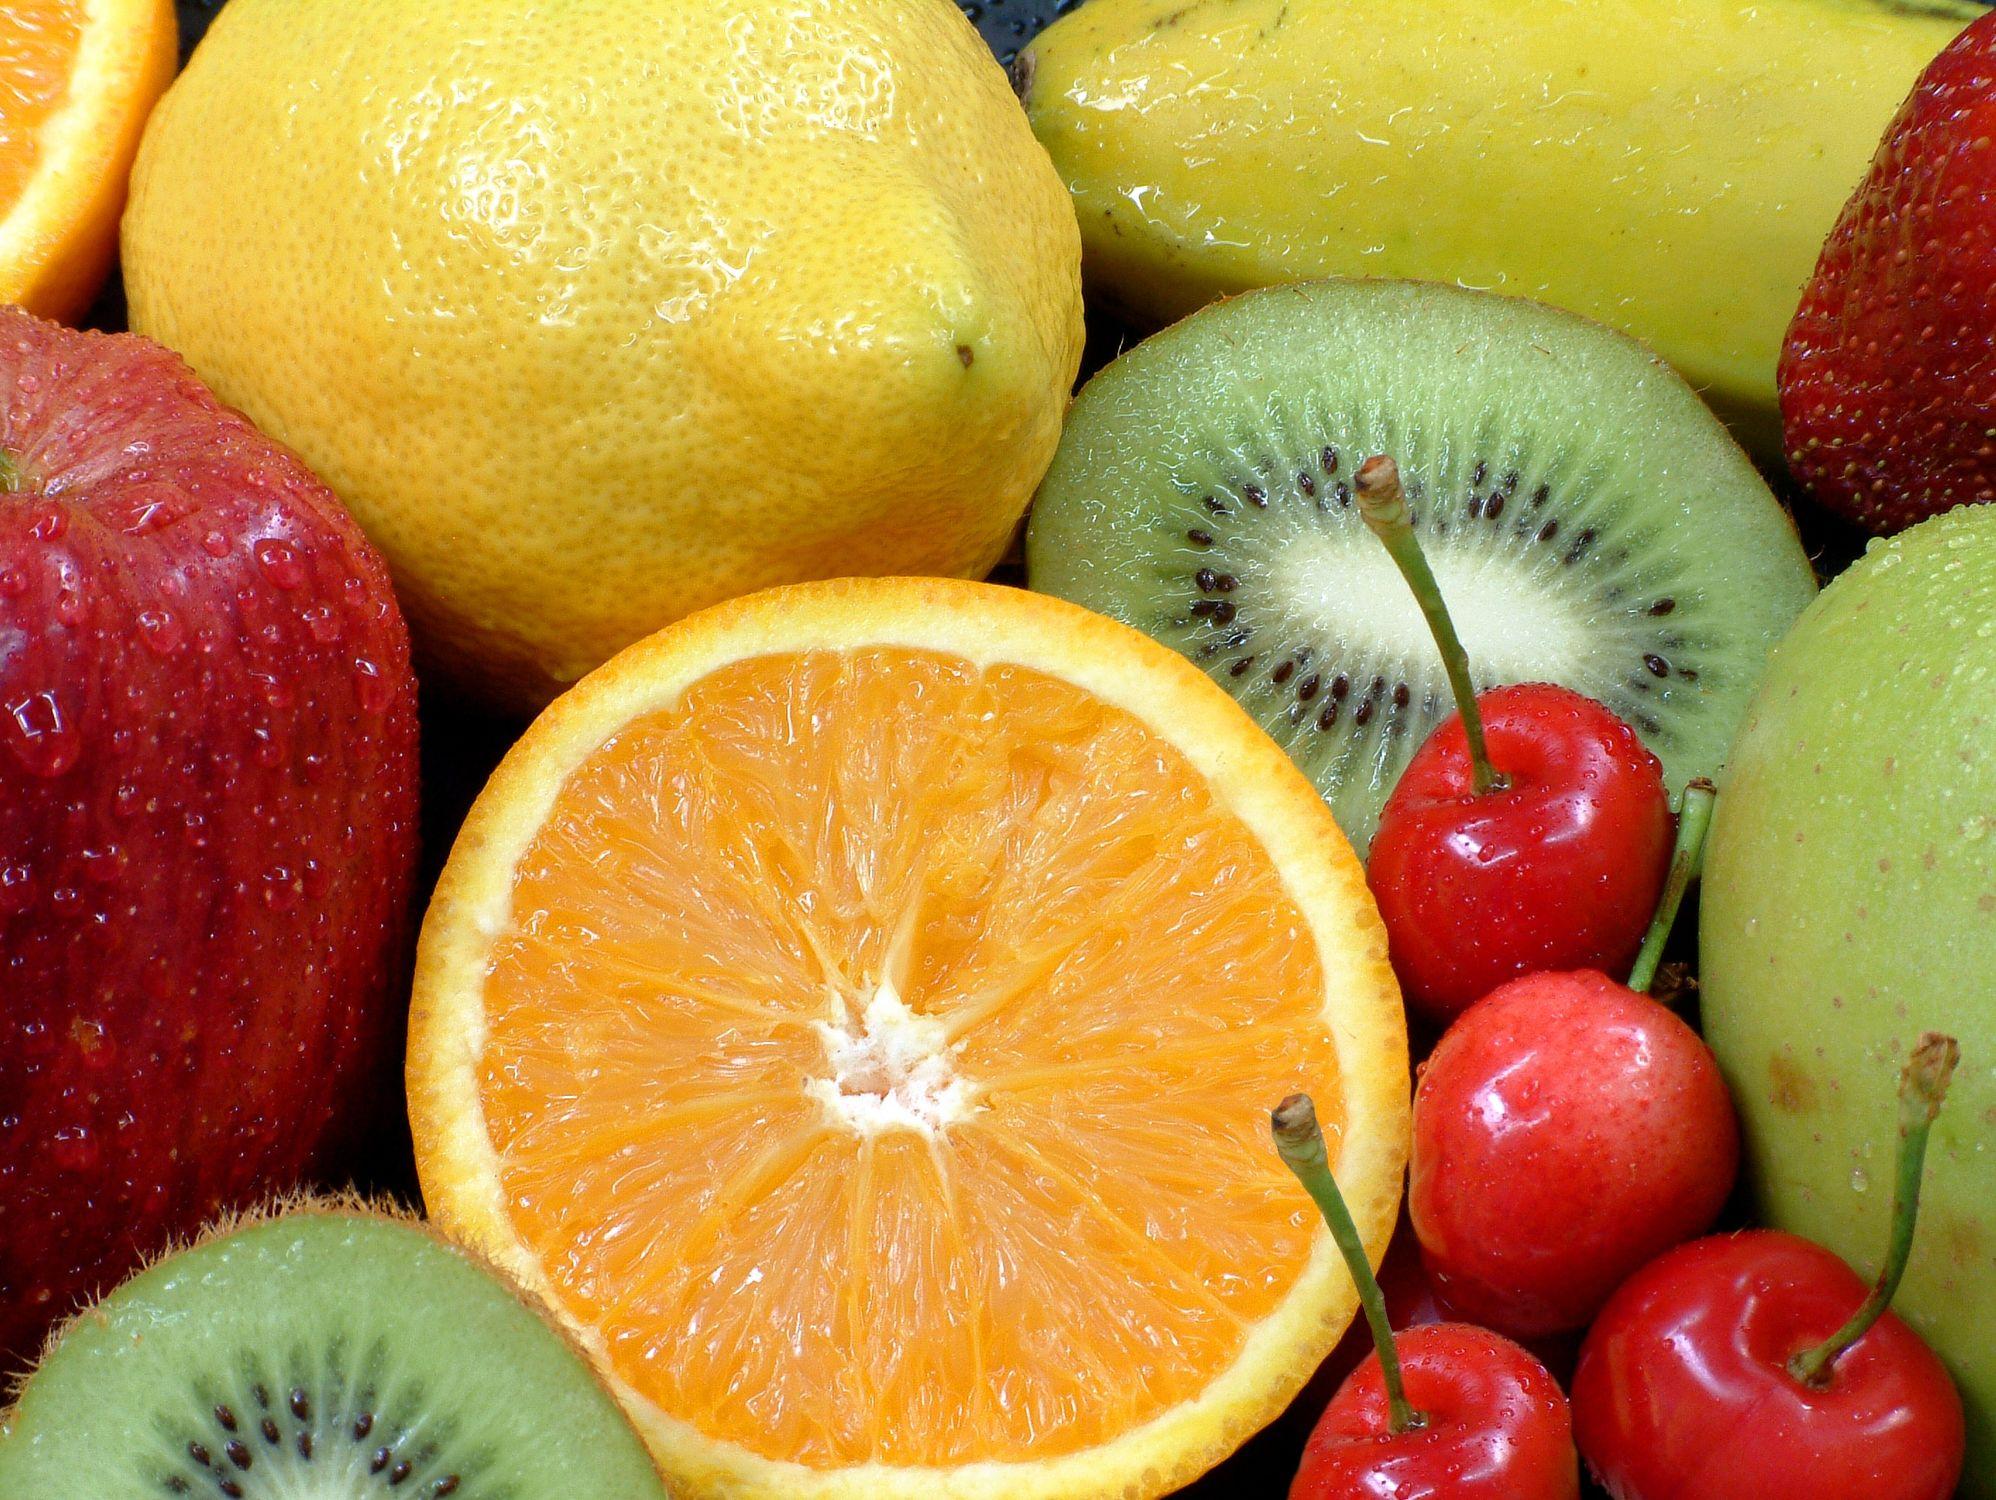 Bild mit Früchte, Lebensmittel, Essen, Zitrusfrüchte, Orangen, Grapefruits, Küchenbild